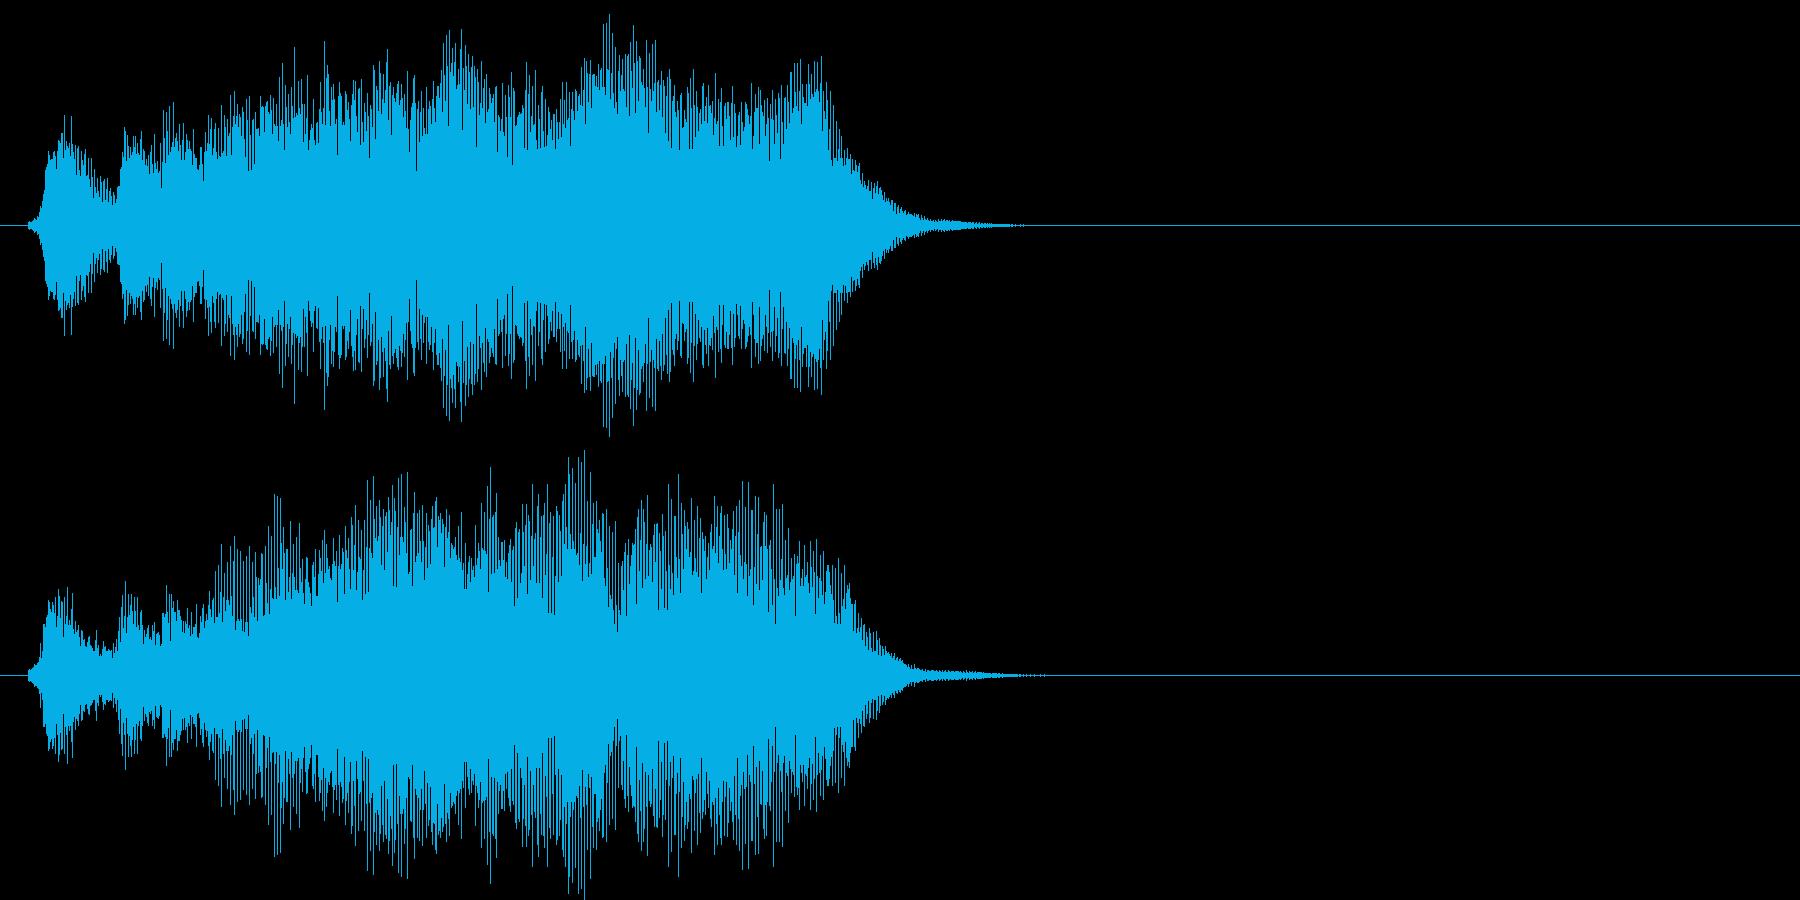 汎用08 パンパカパーン(Short)の再生済みの波形